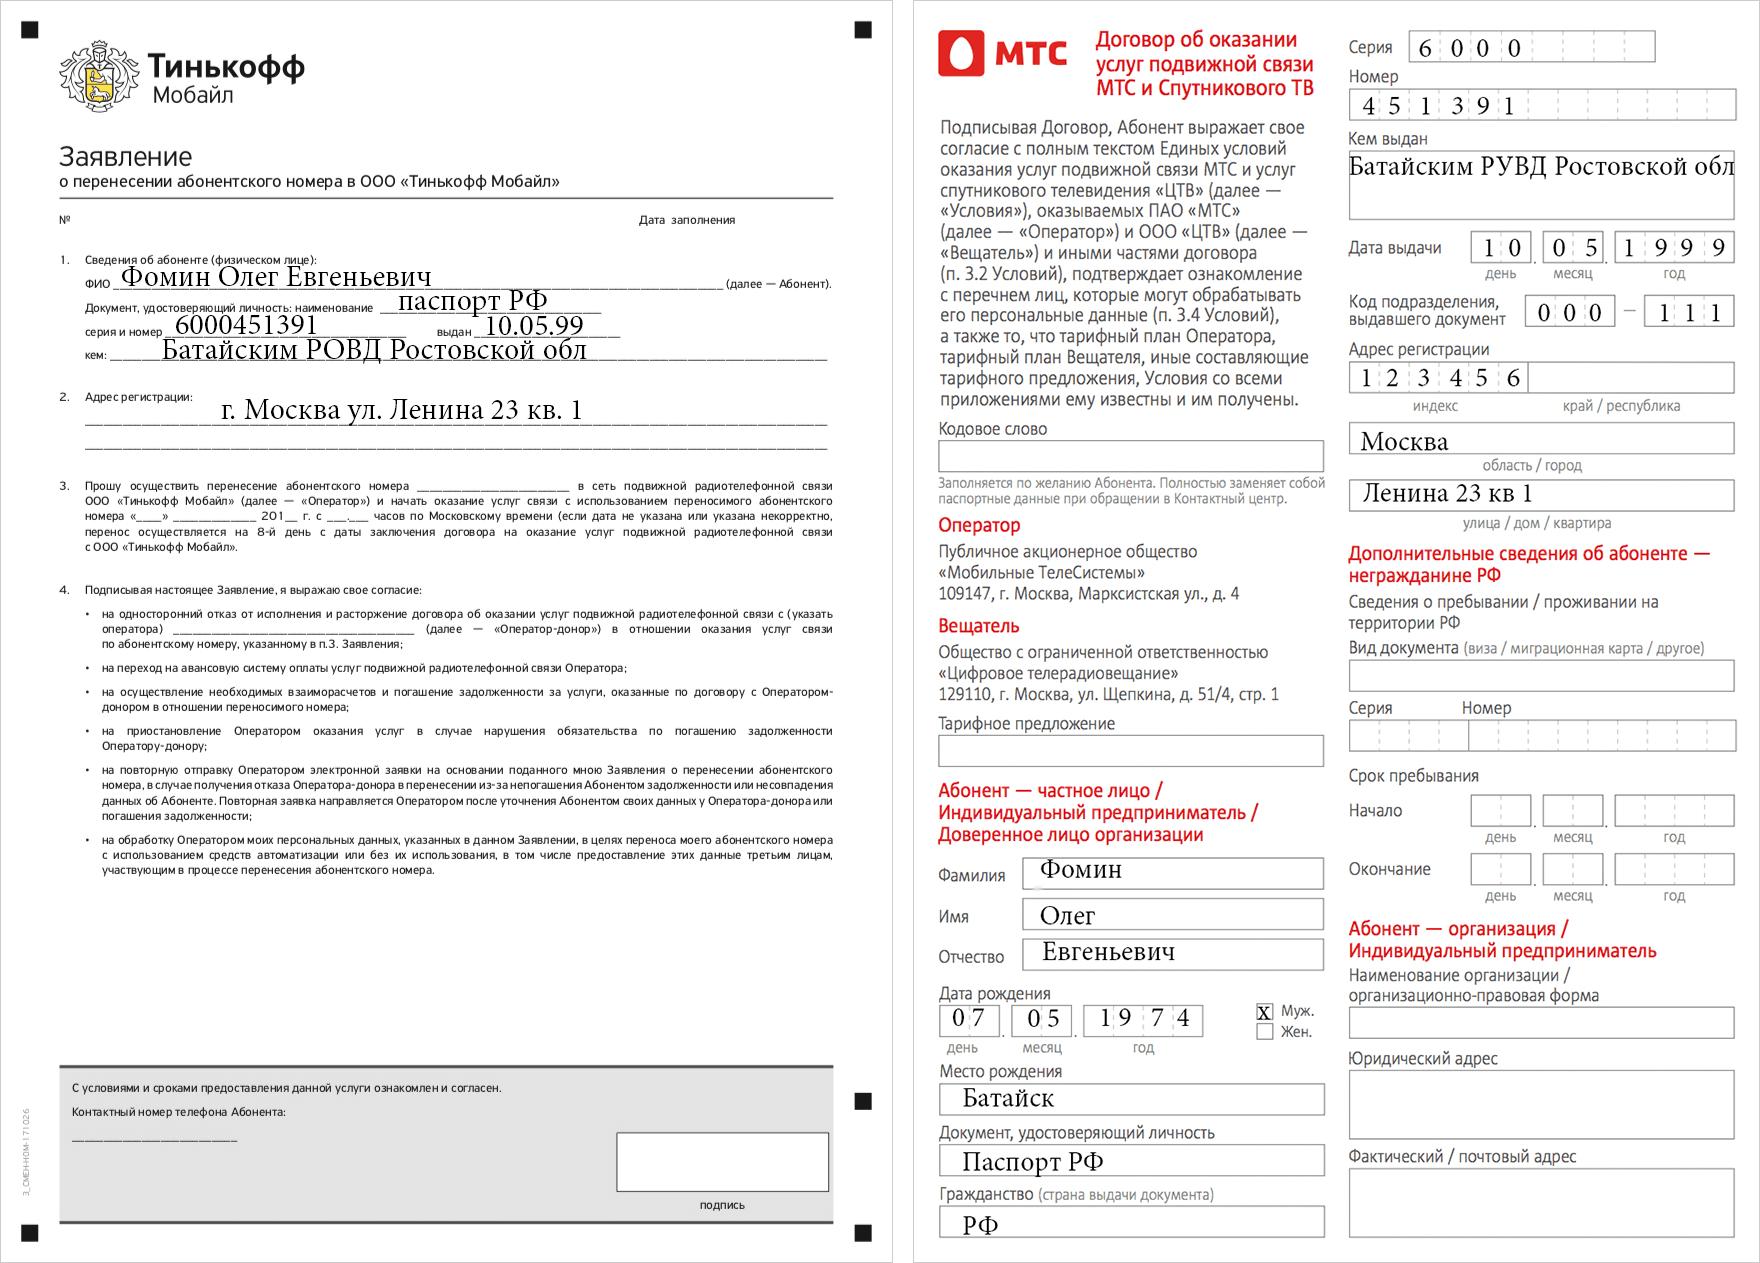 Личные данные в заявлении на перенос номера должны совпадать с данными из договора на обслуживание с текущим оператором